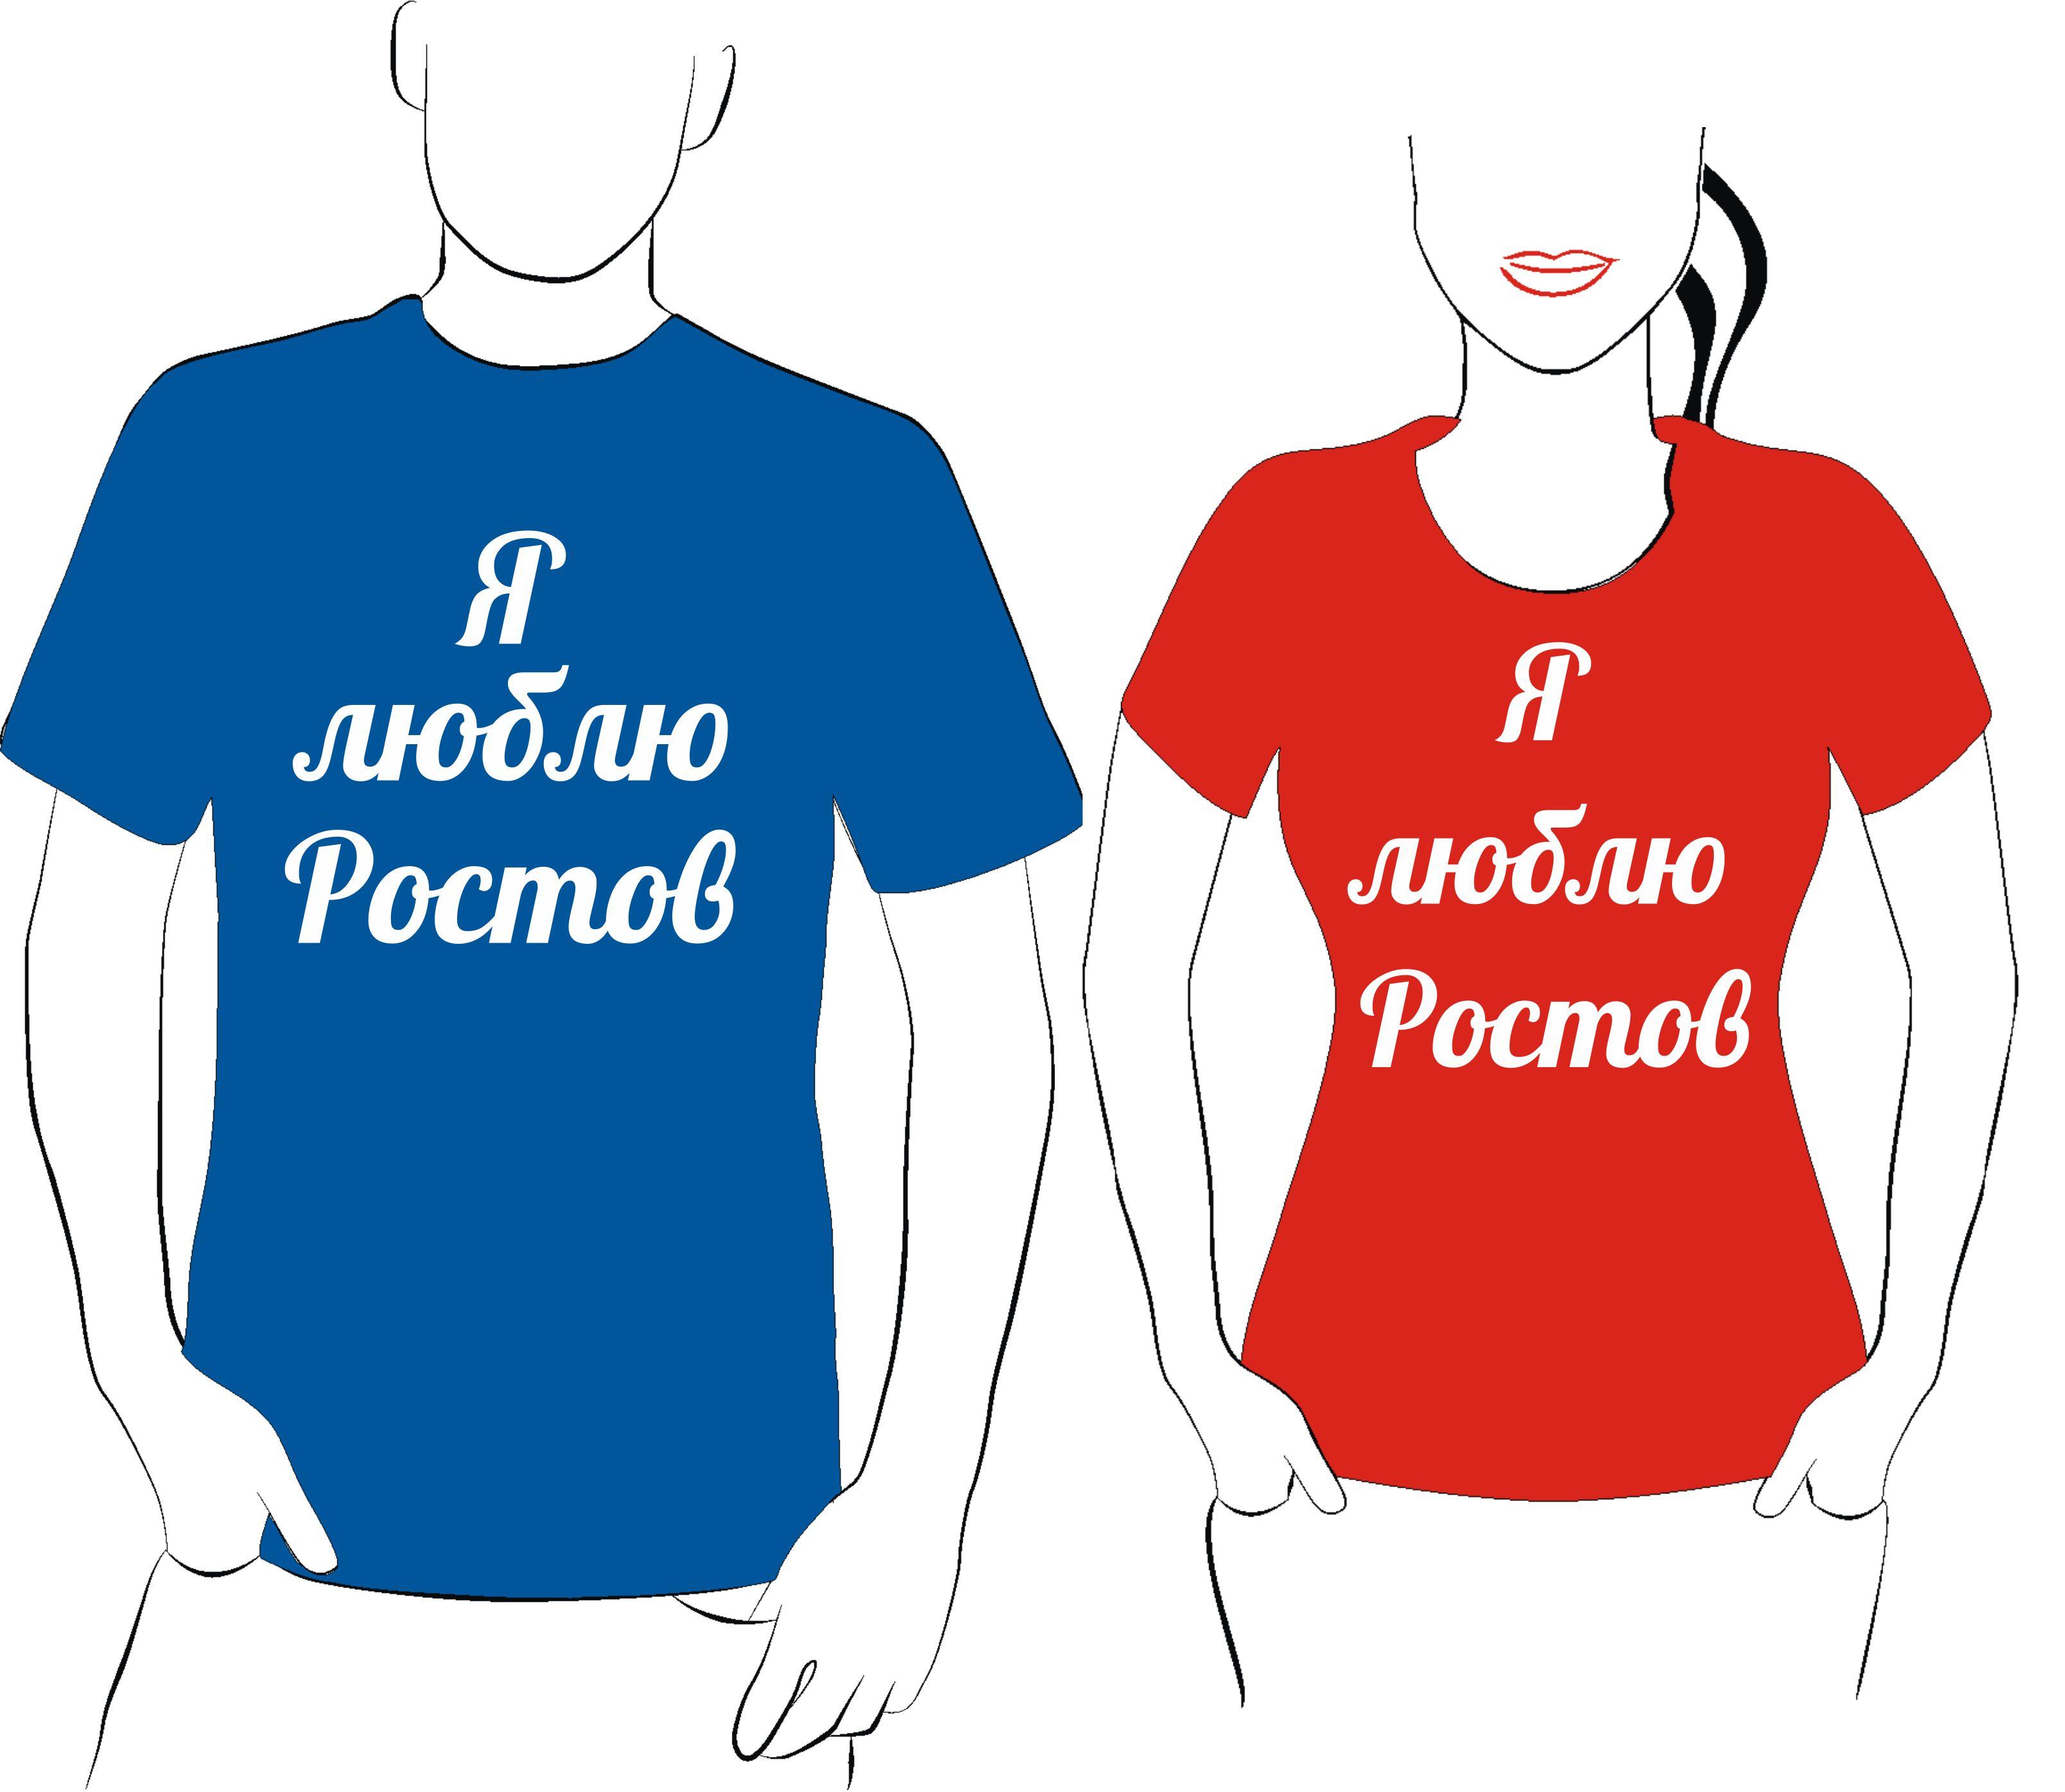 Я Люблю Ростов - 650р